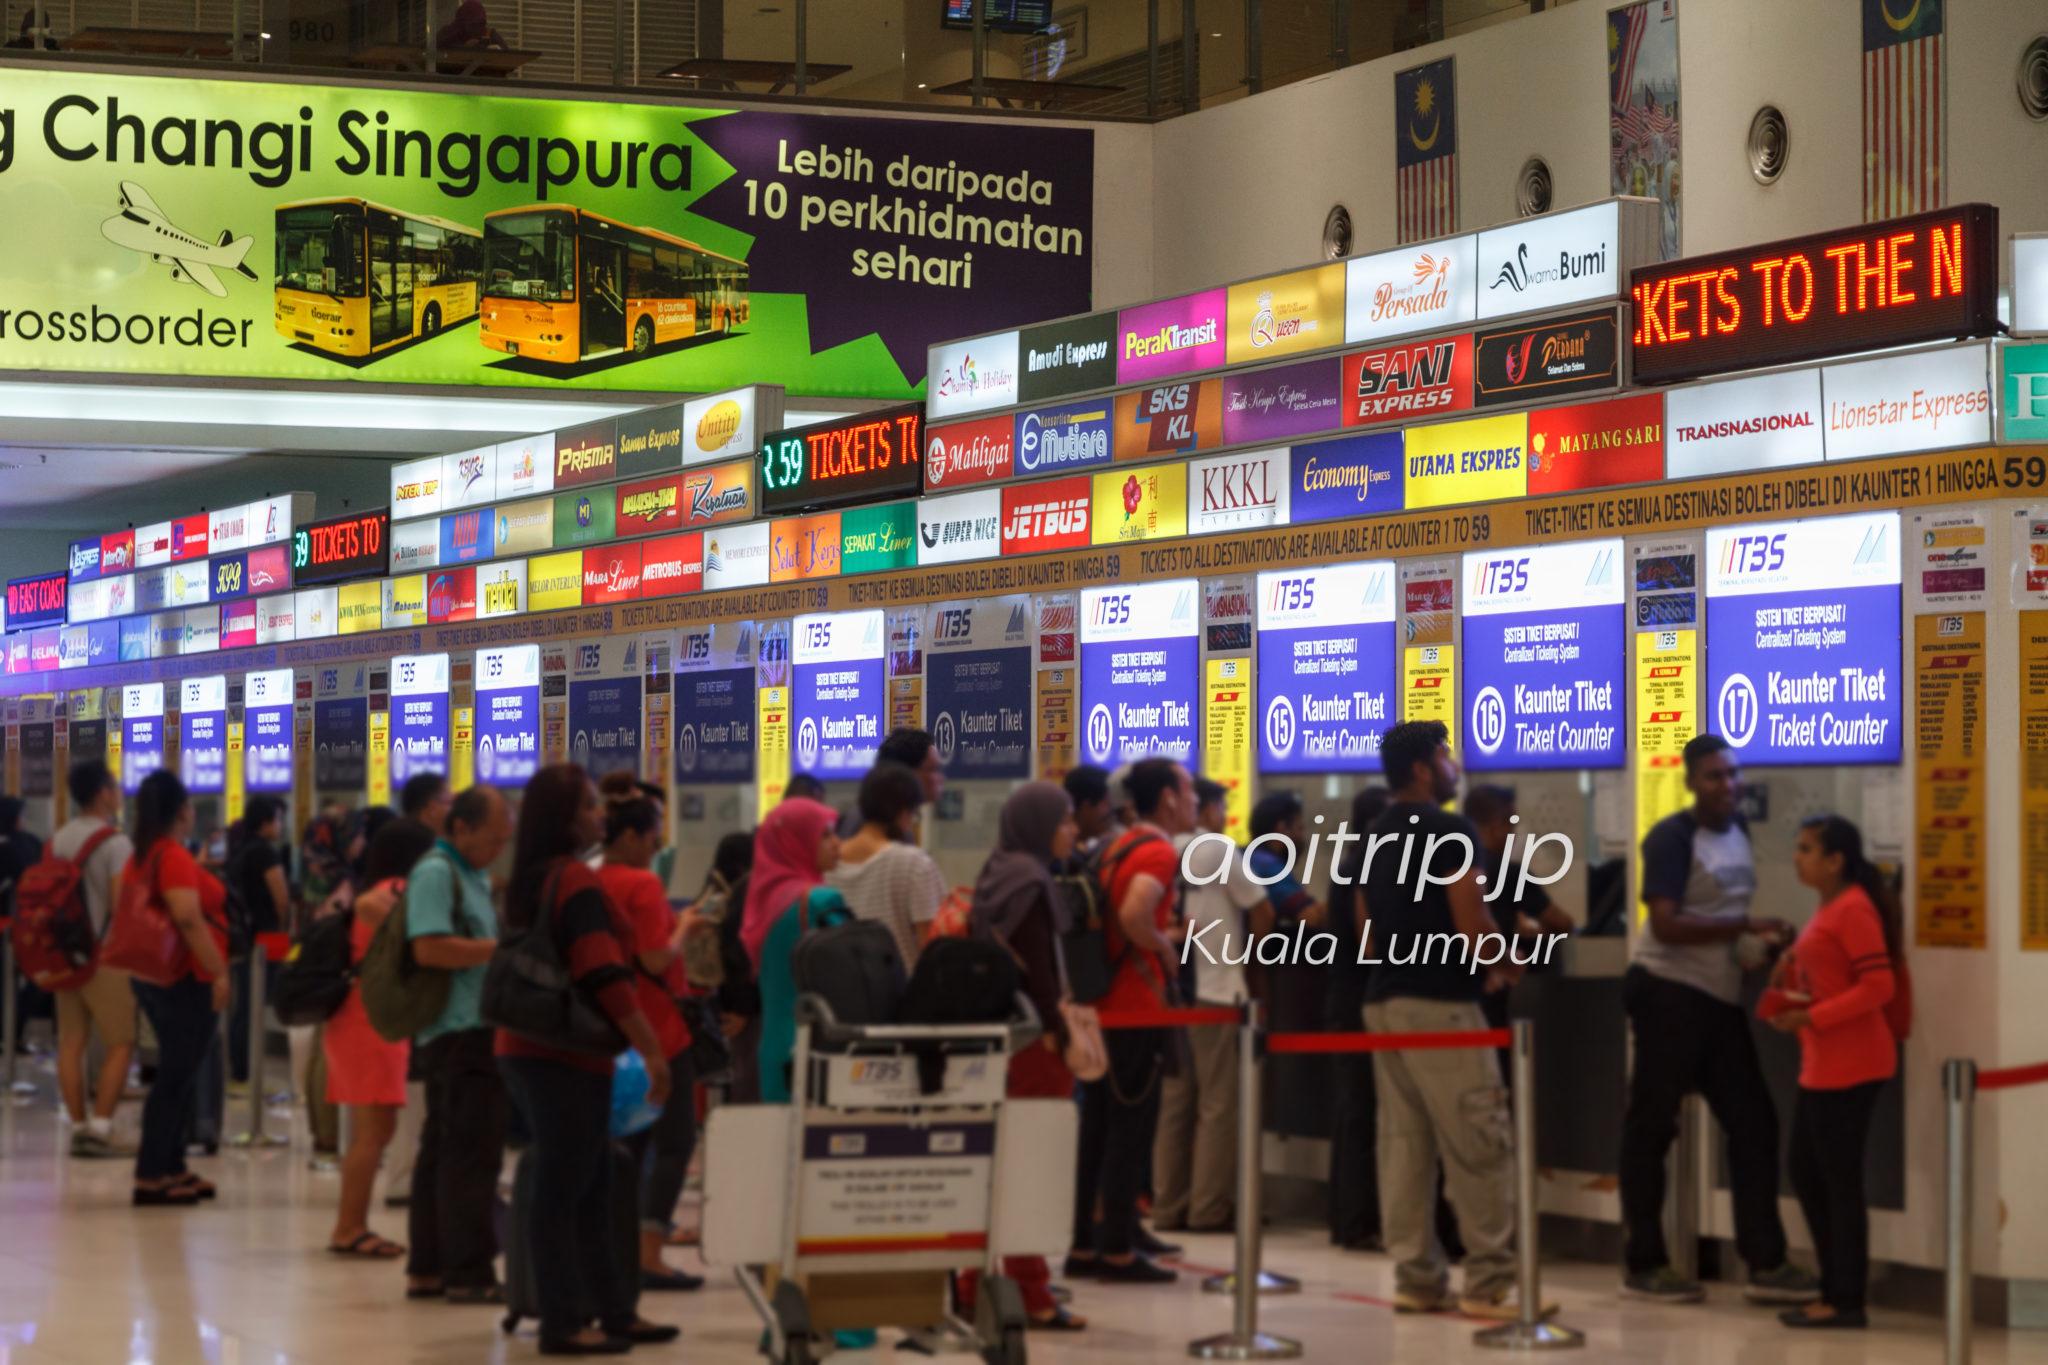 クアラルンプール TBSバスターミナル